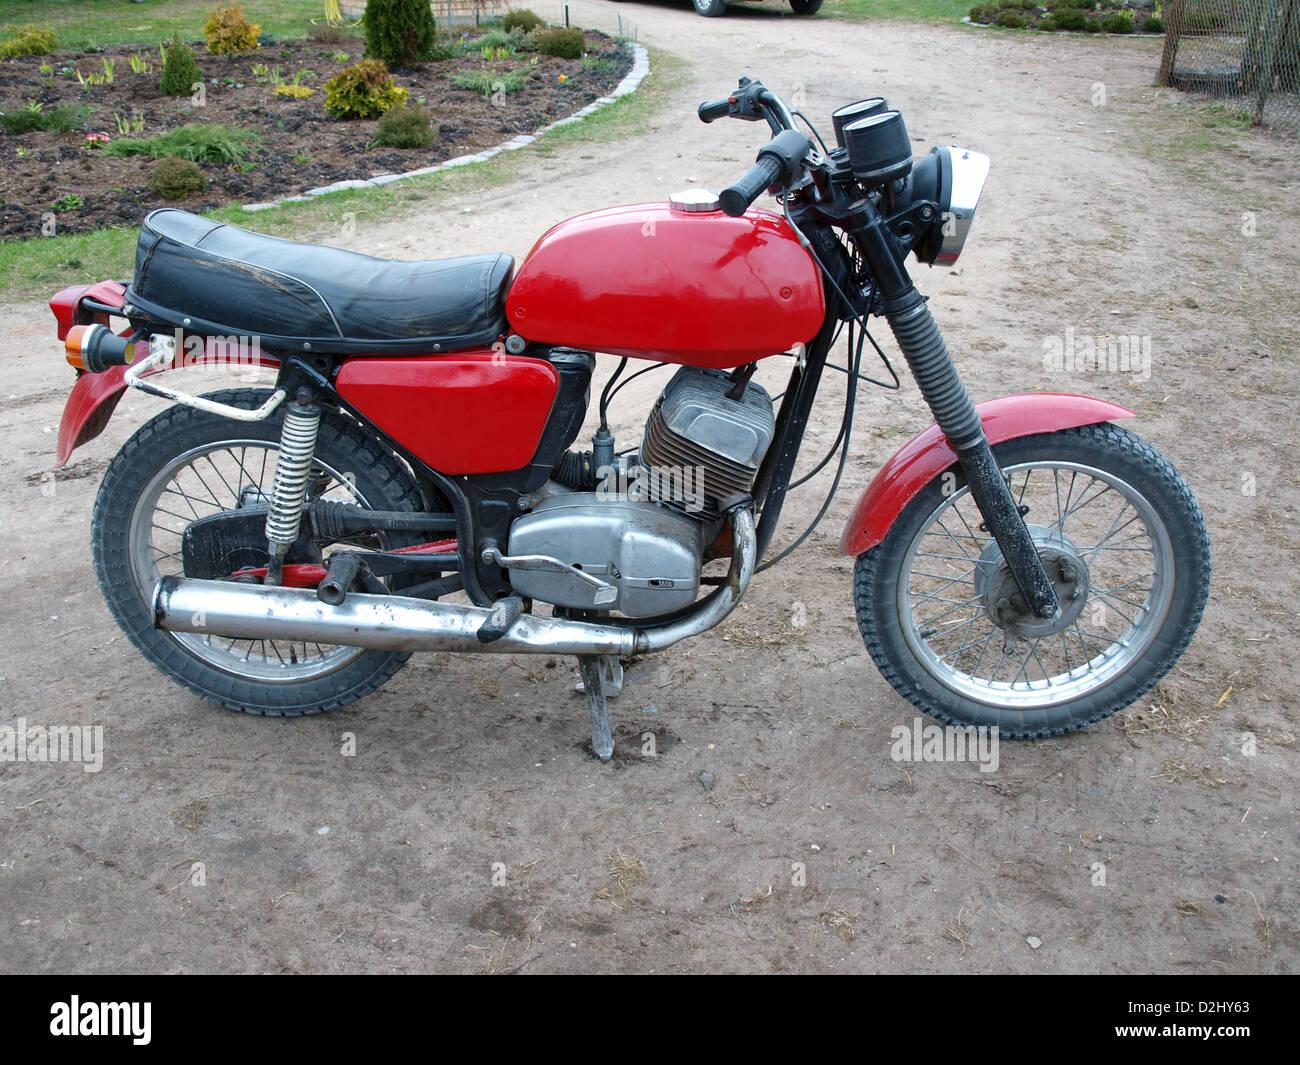 restaurierte rote farbe tschechische motorrad jawa 350 634. Black Bedroom Furniture Sets. Home Design Ideas